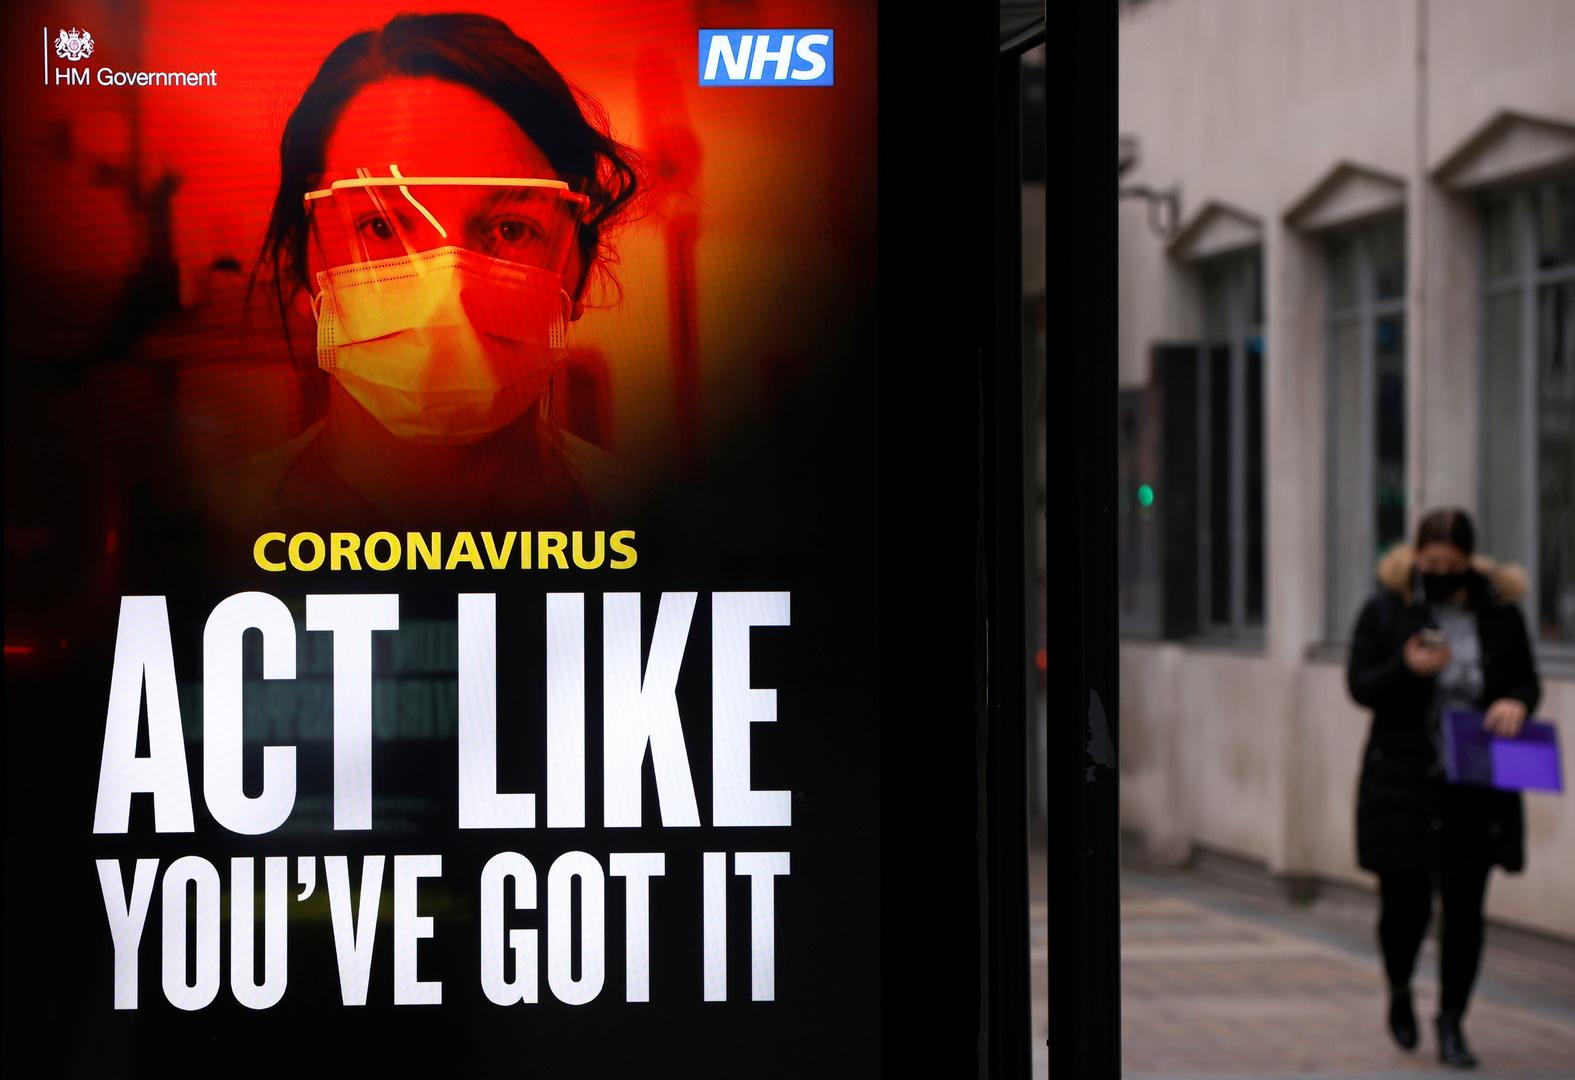 بريطانيا تسجل حصيلة يومية قياسية لوفيات كورونا